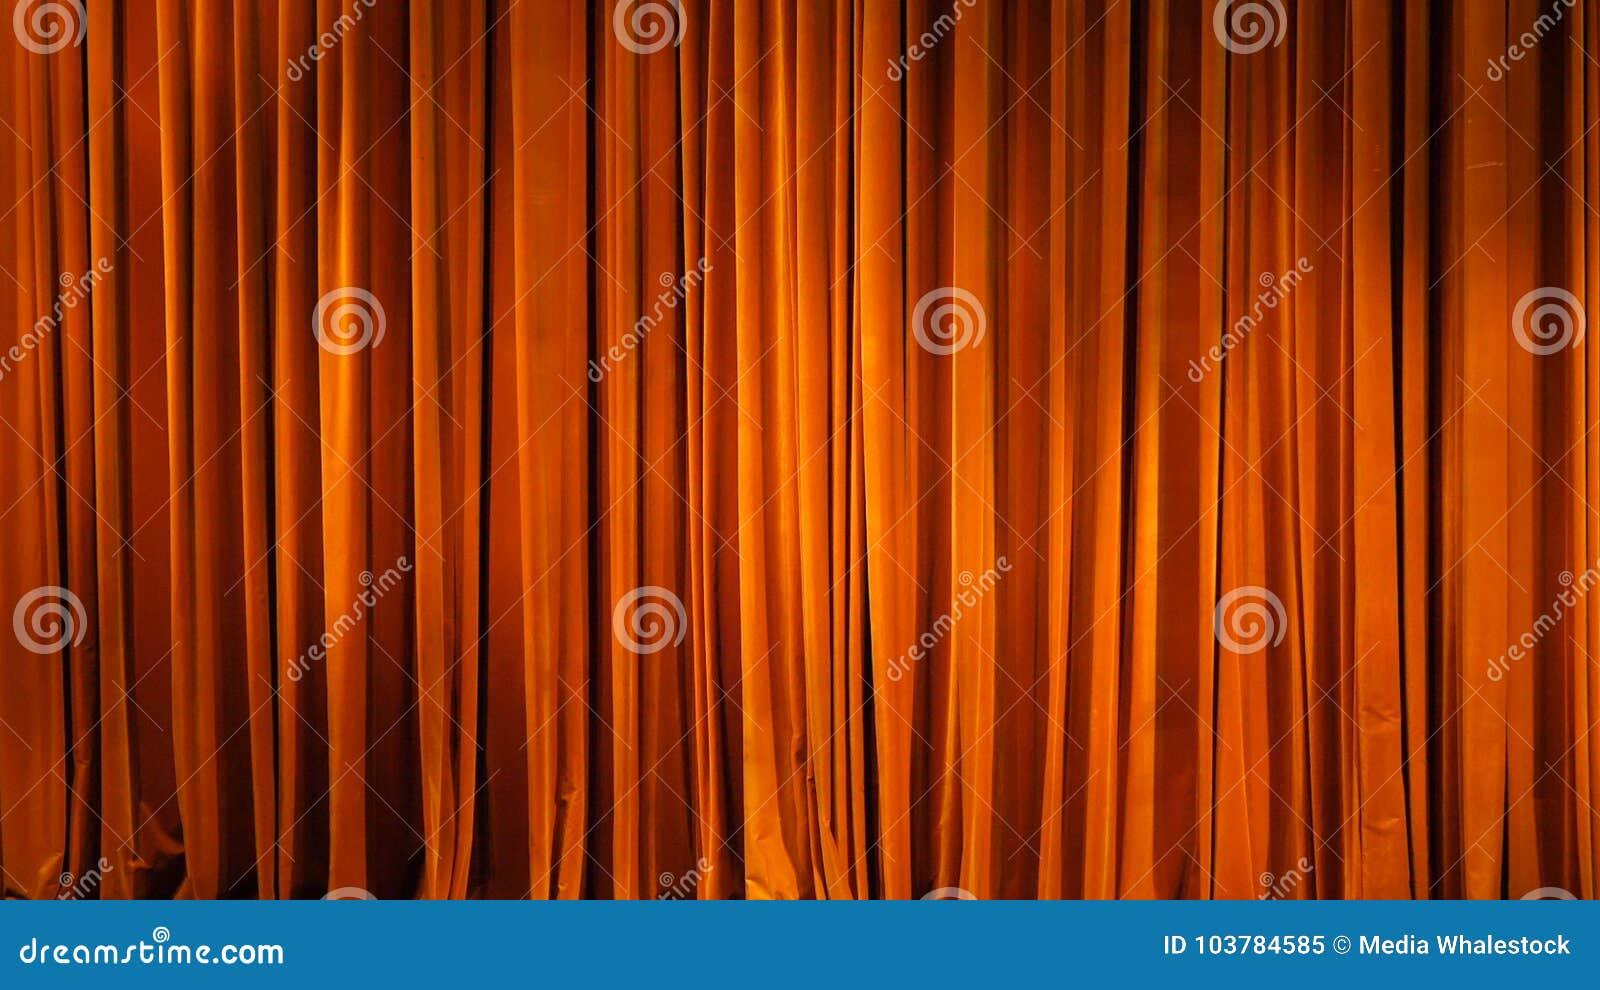 Het gele gordijn Theatrale scènes met licht van de schijnwerpers in de gesloten positie